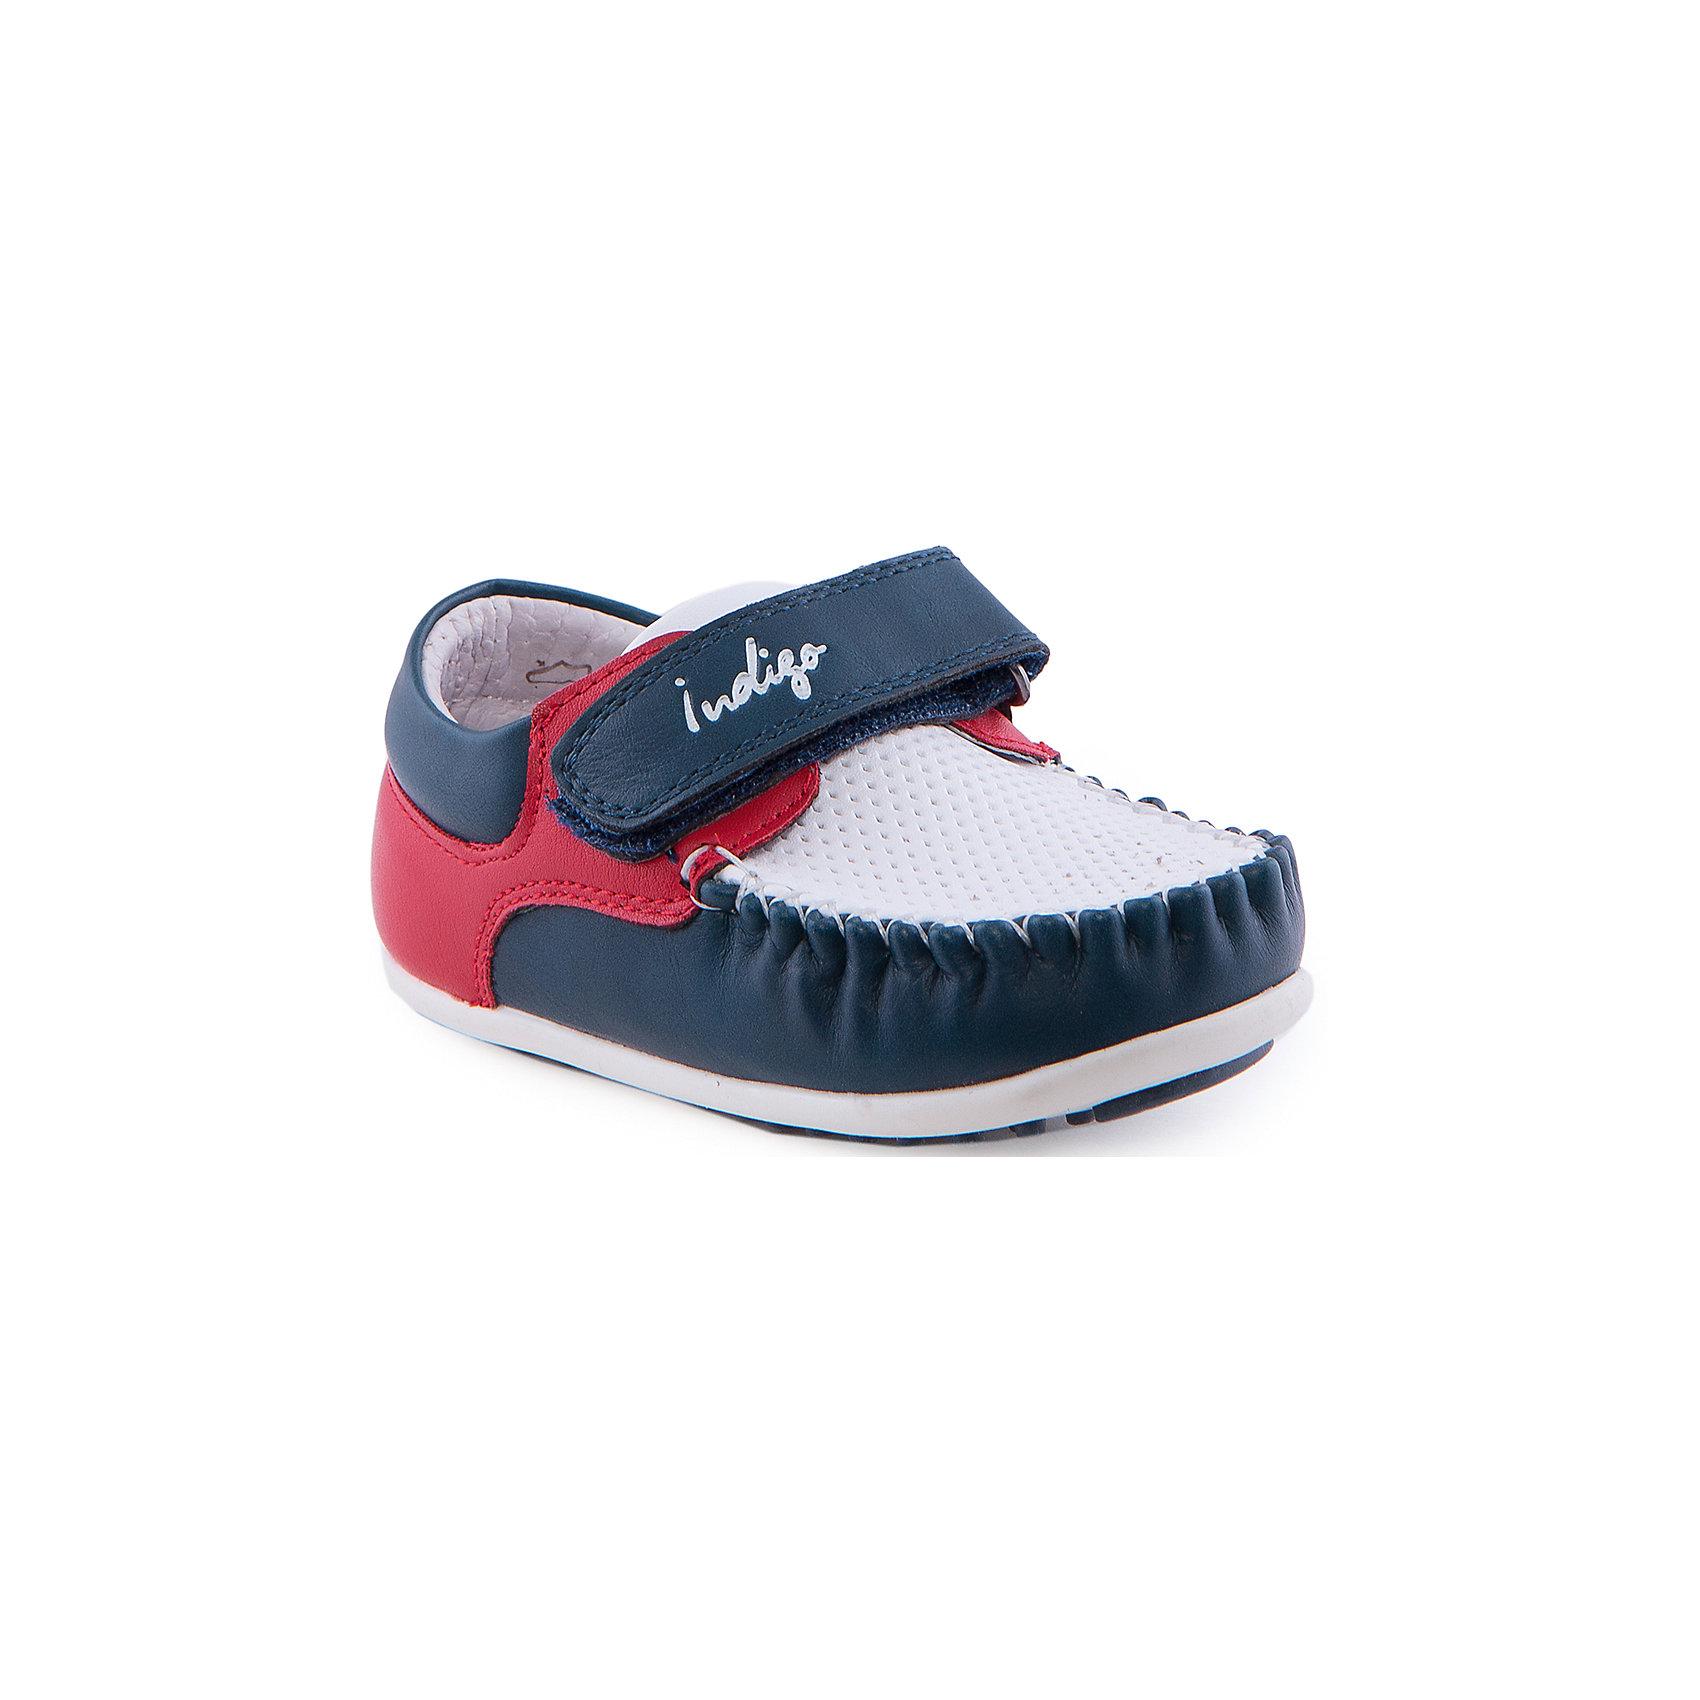 Мокасины для мальчика Indigo kidsМокасины<br>Мокасины для мальчика от известного бренда Indigo kids.<br><br>Модные легкие мокасины - прекрасный вариант обуви для теплого сезона. Они красивые и стильные, но в то же время очень удобные. Эту модель можно носить и с легкими брюками, и с джинсами. Мокасины легко надеваются, комфортно садятся по ноге. <br><br>Особенности модели:<br><br>- цвет: синий, белый, красный;<br>- стильный дизайн;<br>- удобная колодка;<br>- подкладка из натуральной кожи;<br>- есть перфорация для вентиляции ноги;<br>- подошва белая, нескользящая;<br>- белая прошивка;<br>- застежка: липучка.<br><br>Дополнительная информация:<br><br>Состав:<br><br>верх – искусственная кожа;<br>подкладка - натуральная кожа;<br>подошва - ТЭП.<br><br>Мокасины для мальчика Indigo kids (Индиго Кидс) можно купить в нашем магазине.<br><br>Ширина мм: 227<br>Глубина мм: 145<br>Высота мм: 124<br>Вес г: 325<br>Цвет: белый<br>Возраст от месяцев: 12<br>Возраст до месяцев: 15<br>Пол: Мужской<br>Возраст: Детский<br>Размер: 21,24,23,22,26,25<br>SKU: 4519894